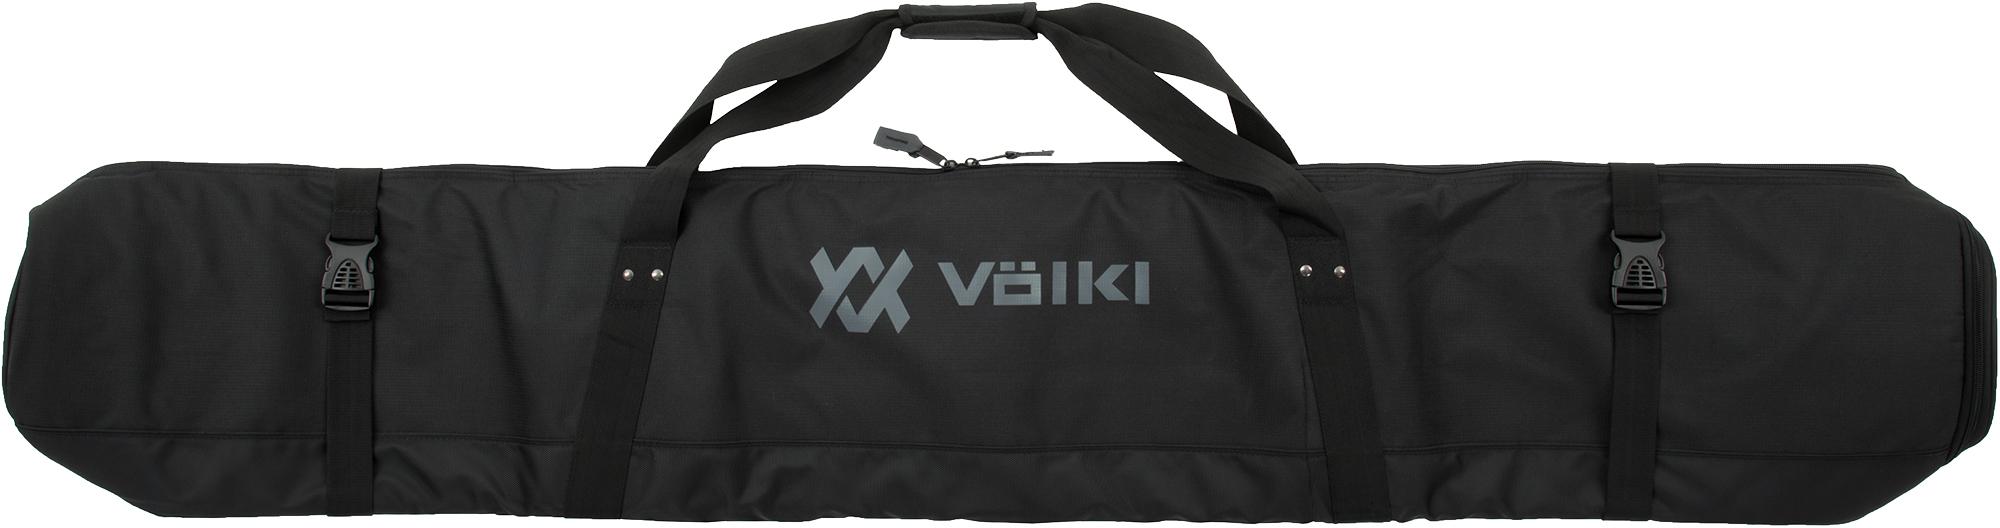 купить Volkl Чехол для горных лыж Volkl онлайн